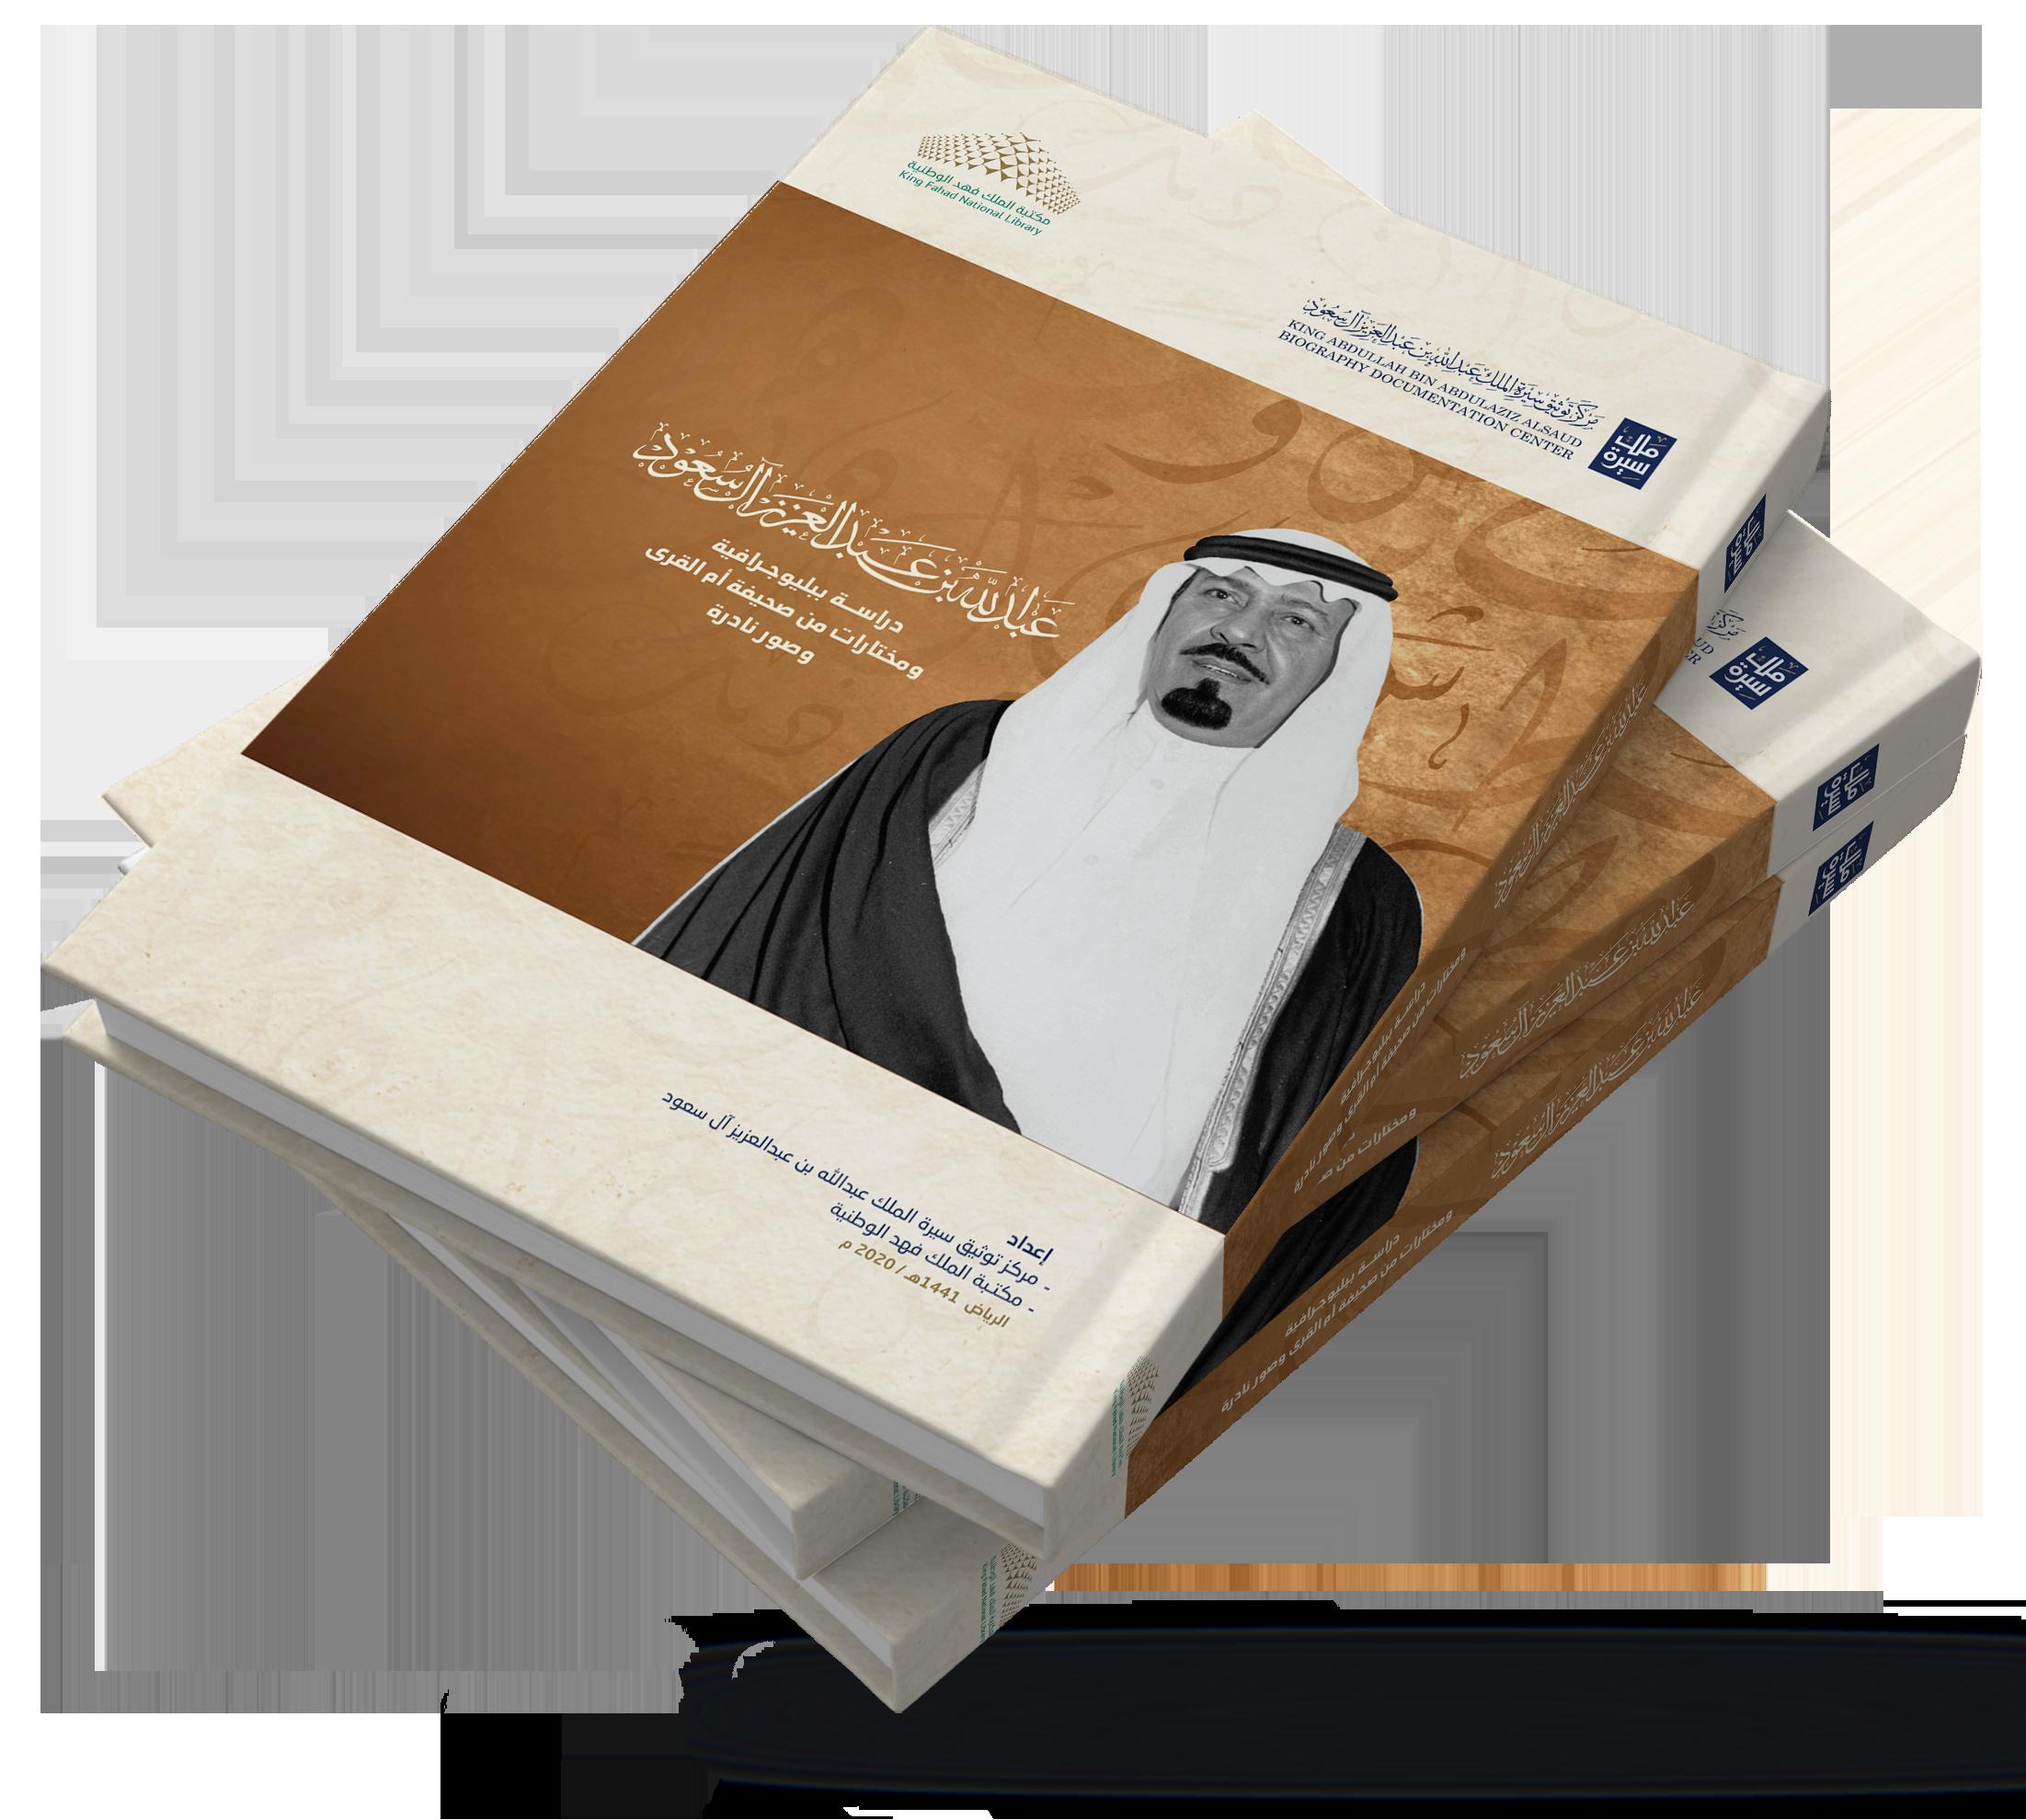 عبدالله بن عبدالعزيز آل سعود دراسة ببليوجرافية ومختارات من صحيفة أم القرى وصور نادرة